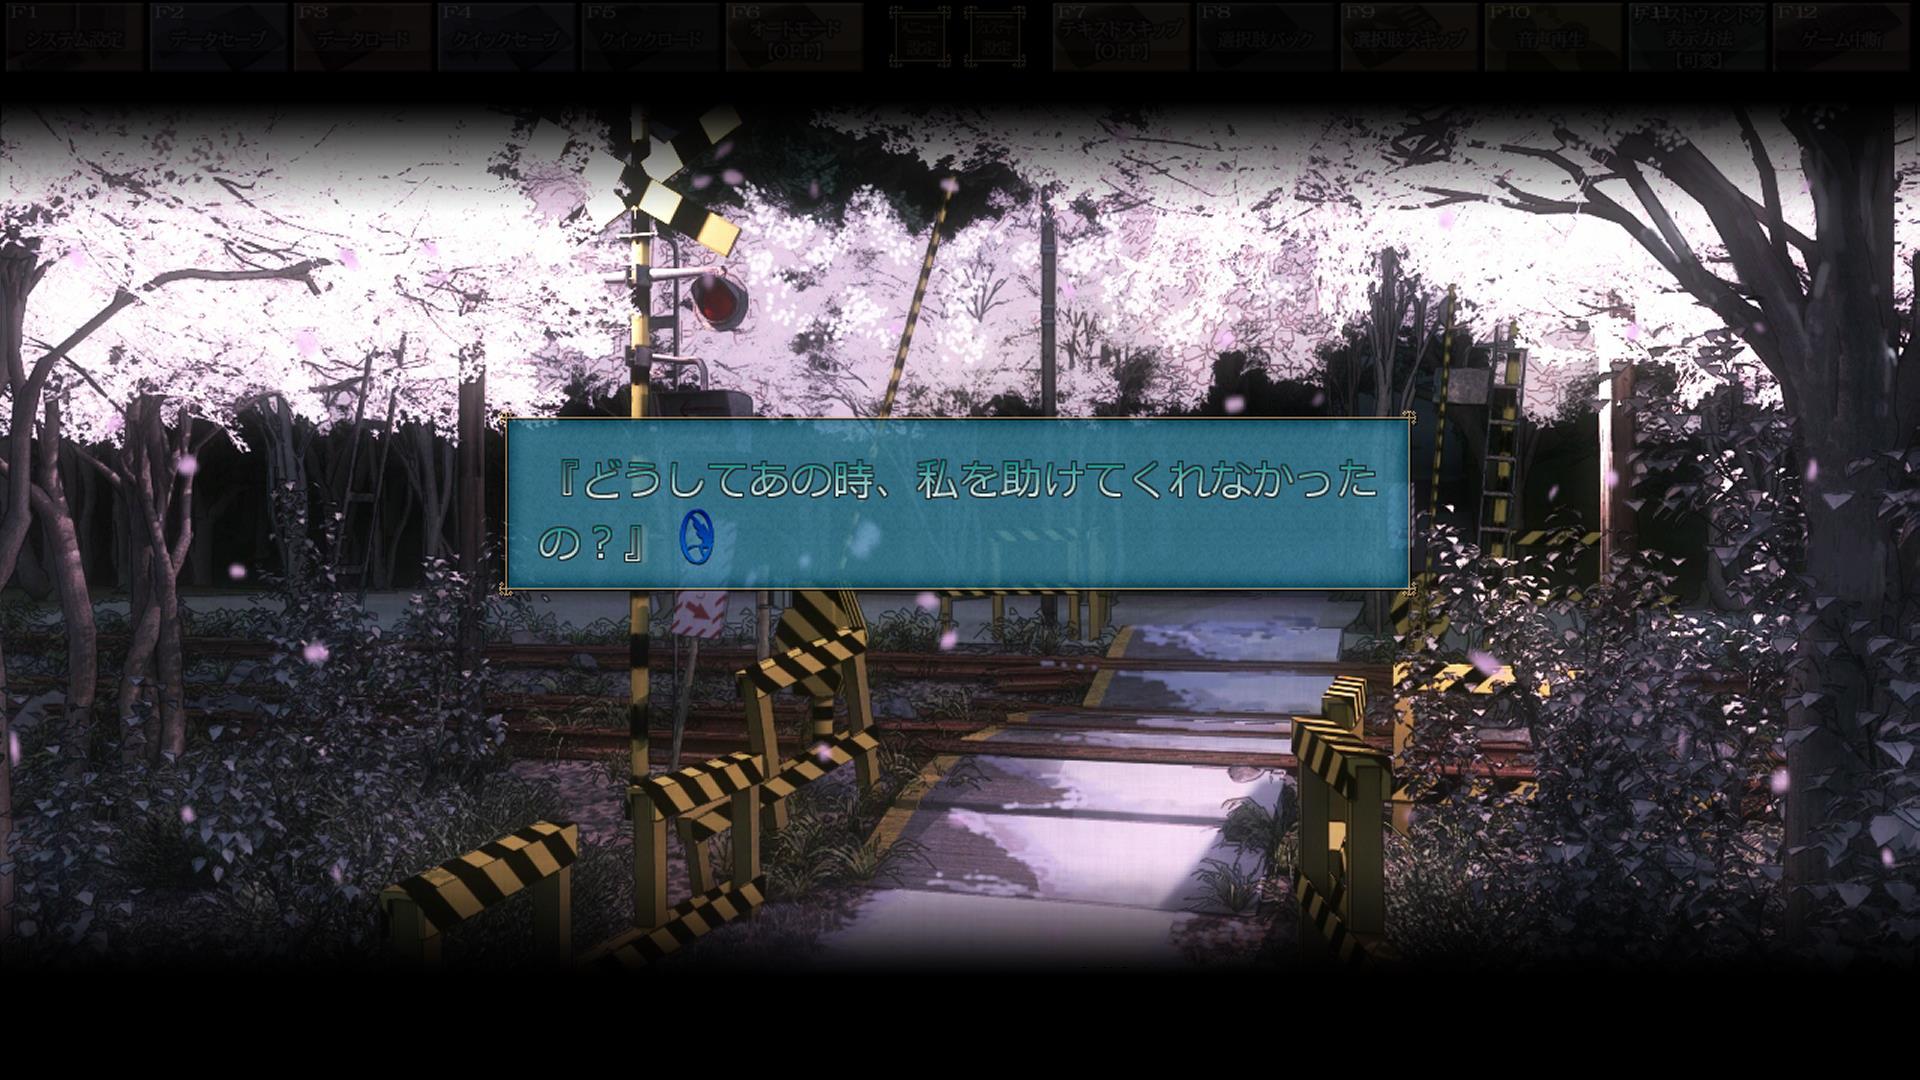 screeenshot-20200726134502470.jpg